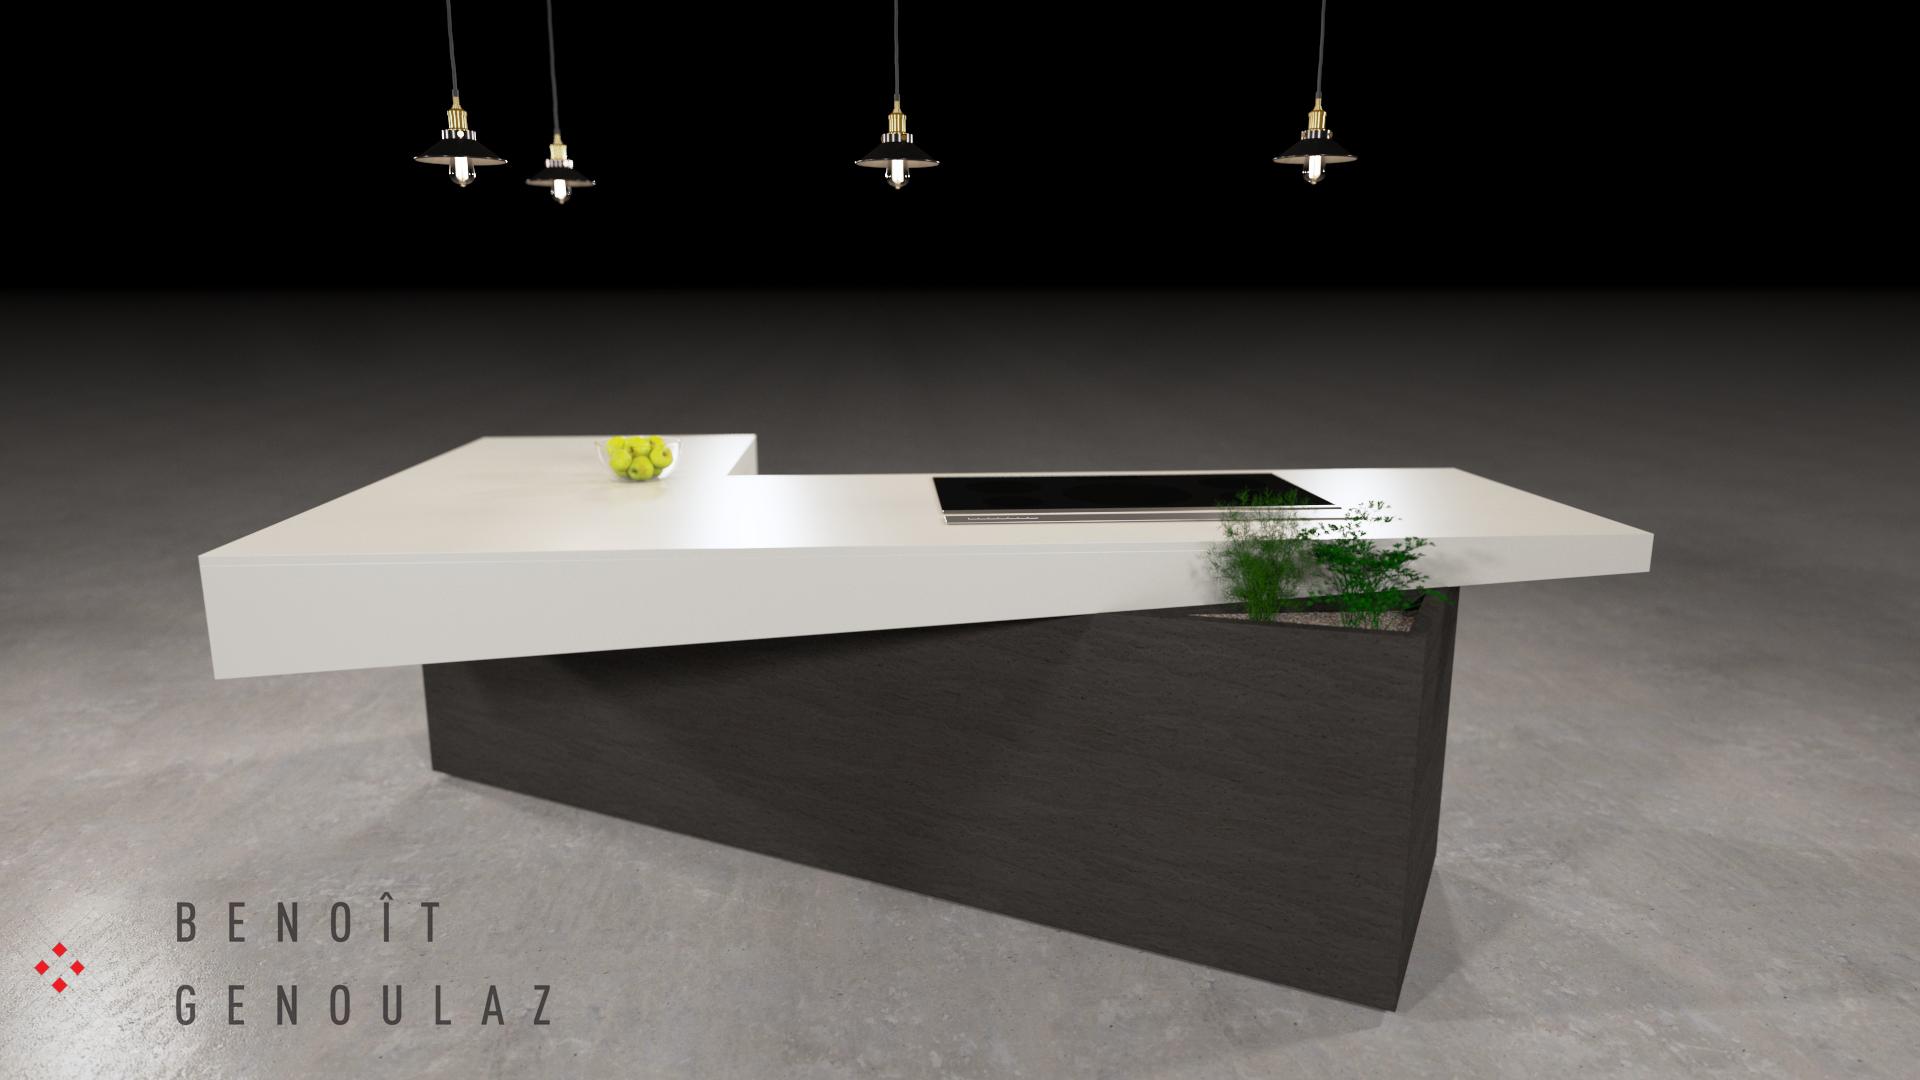 Vue extérieur d'un îlot de cuisine contemporain moderne est composé d'un comptoir en marbre en L aux faces non parallèle et désaxé de son socle.